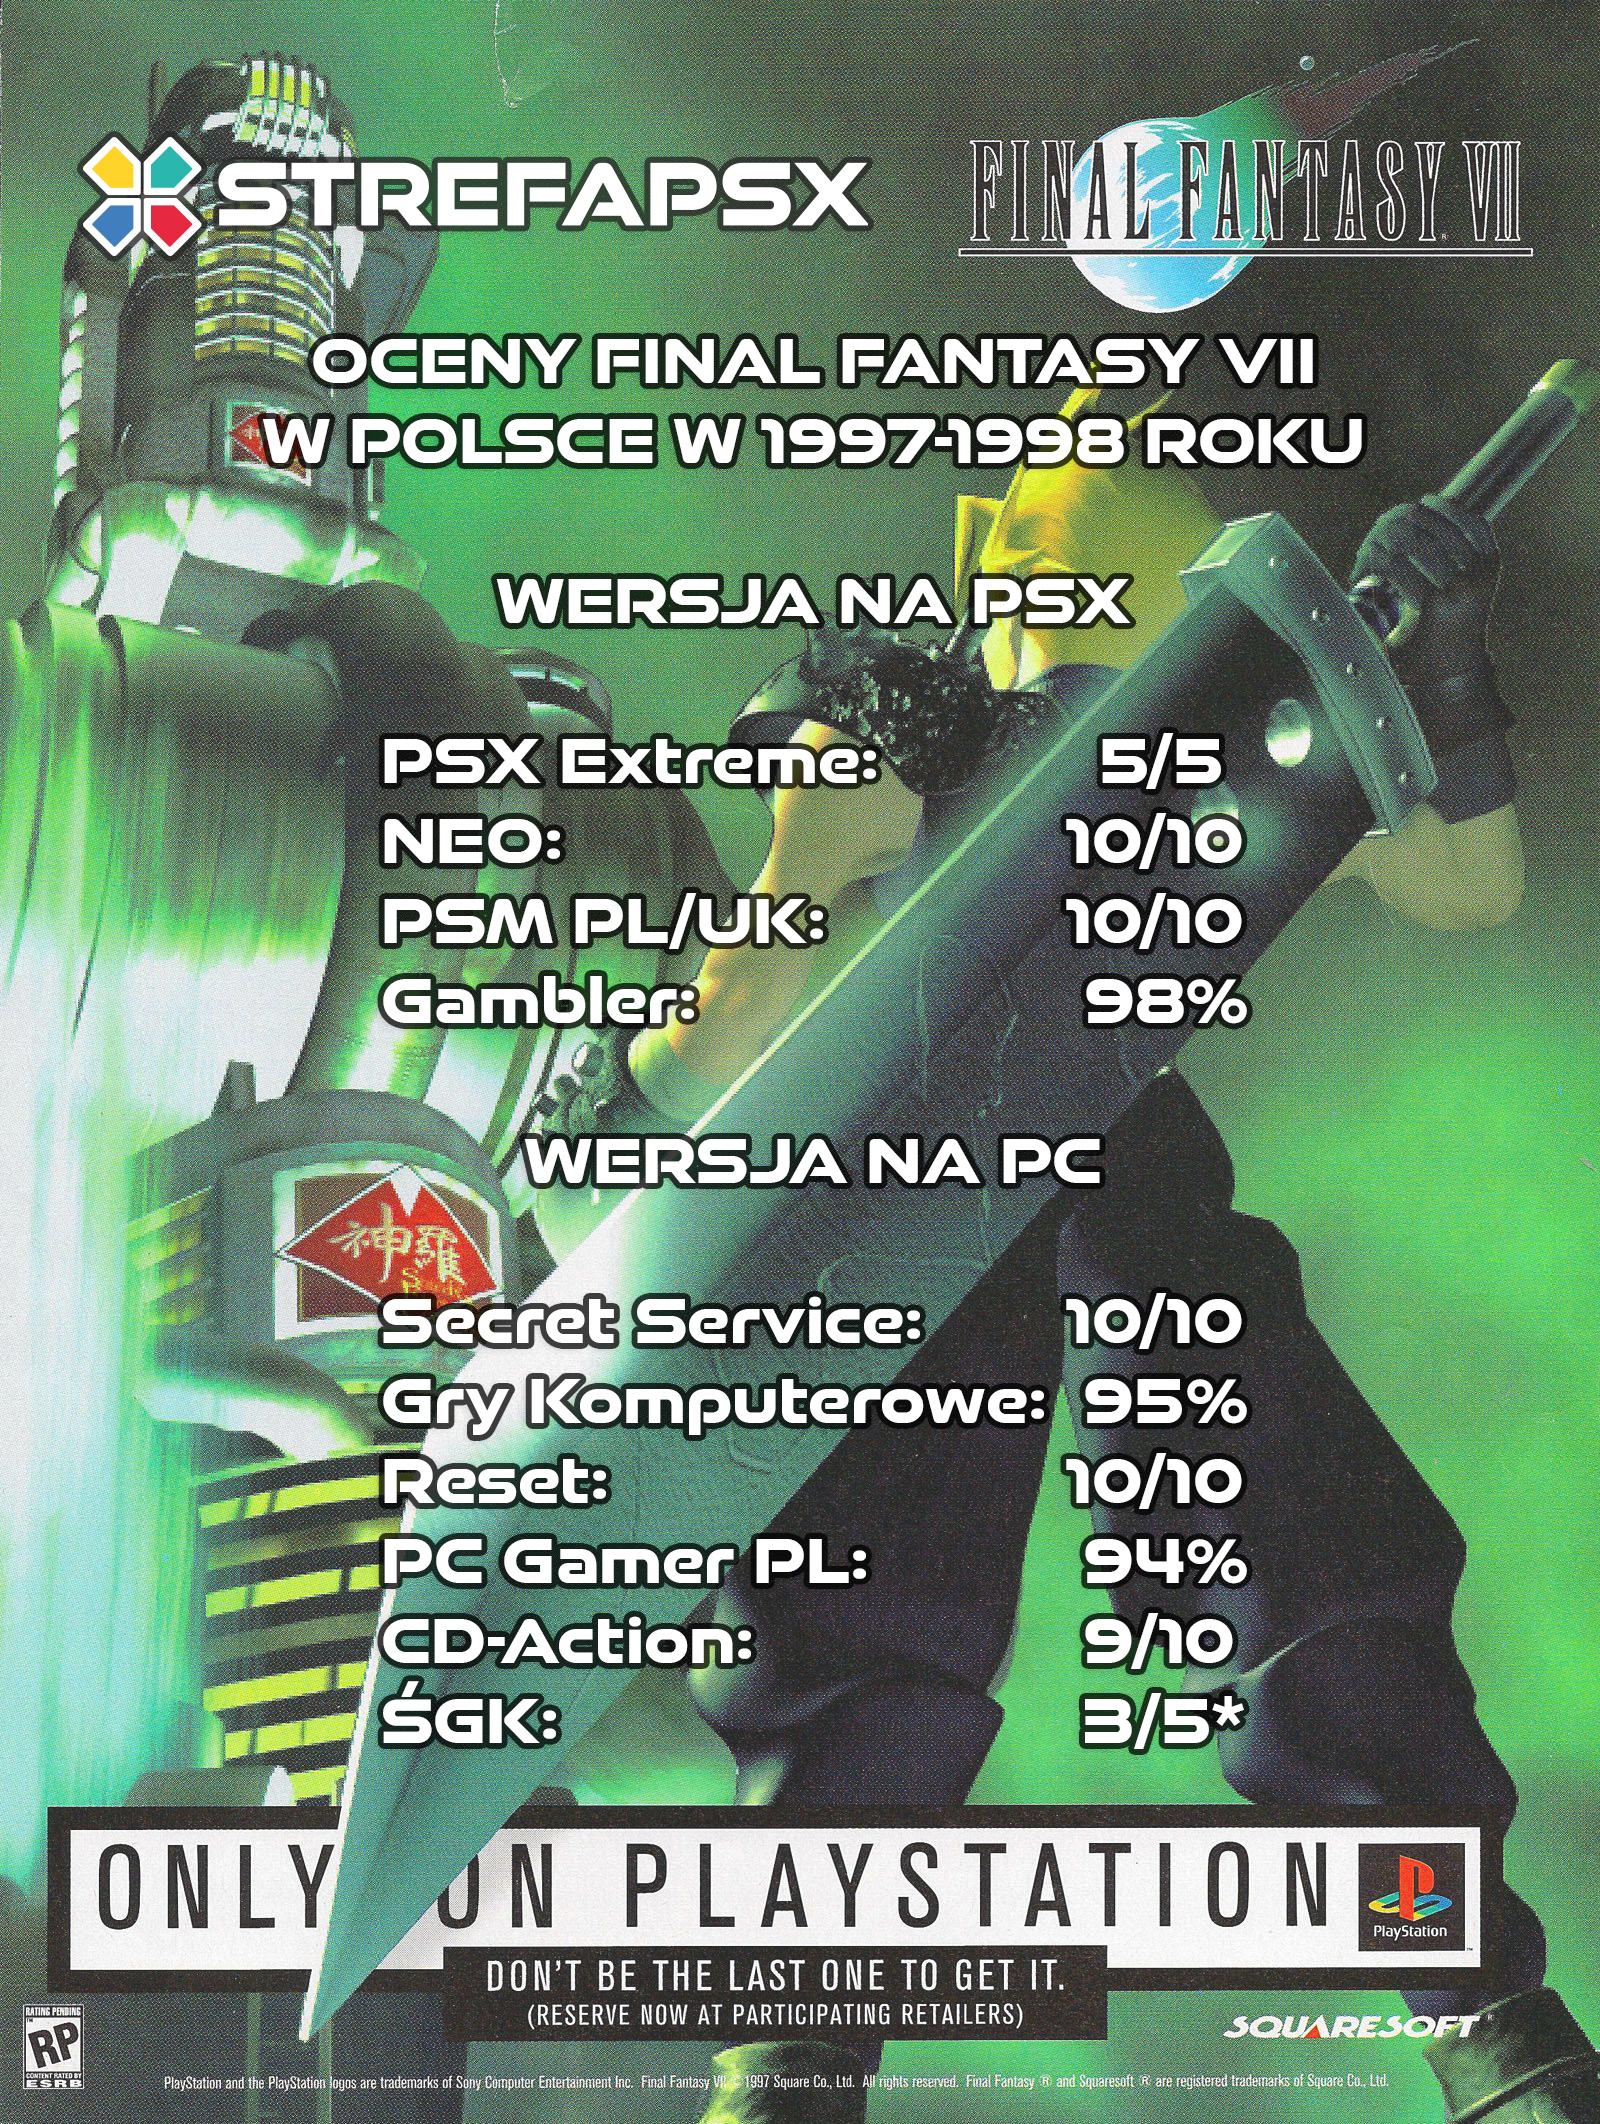 ffvii oceny update - Jak oceniano Final Fantasy VII w Polsce w 1997/1998 roku?